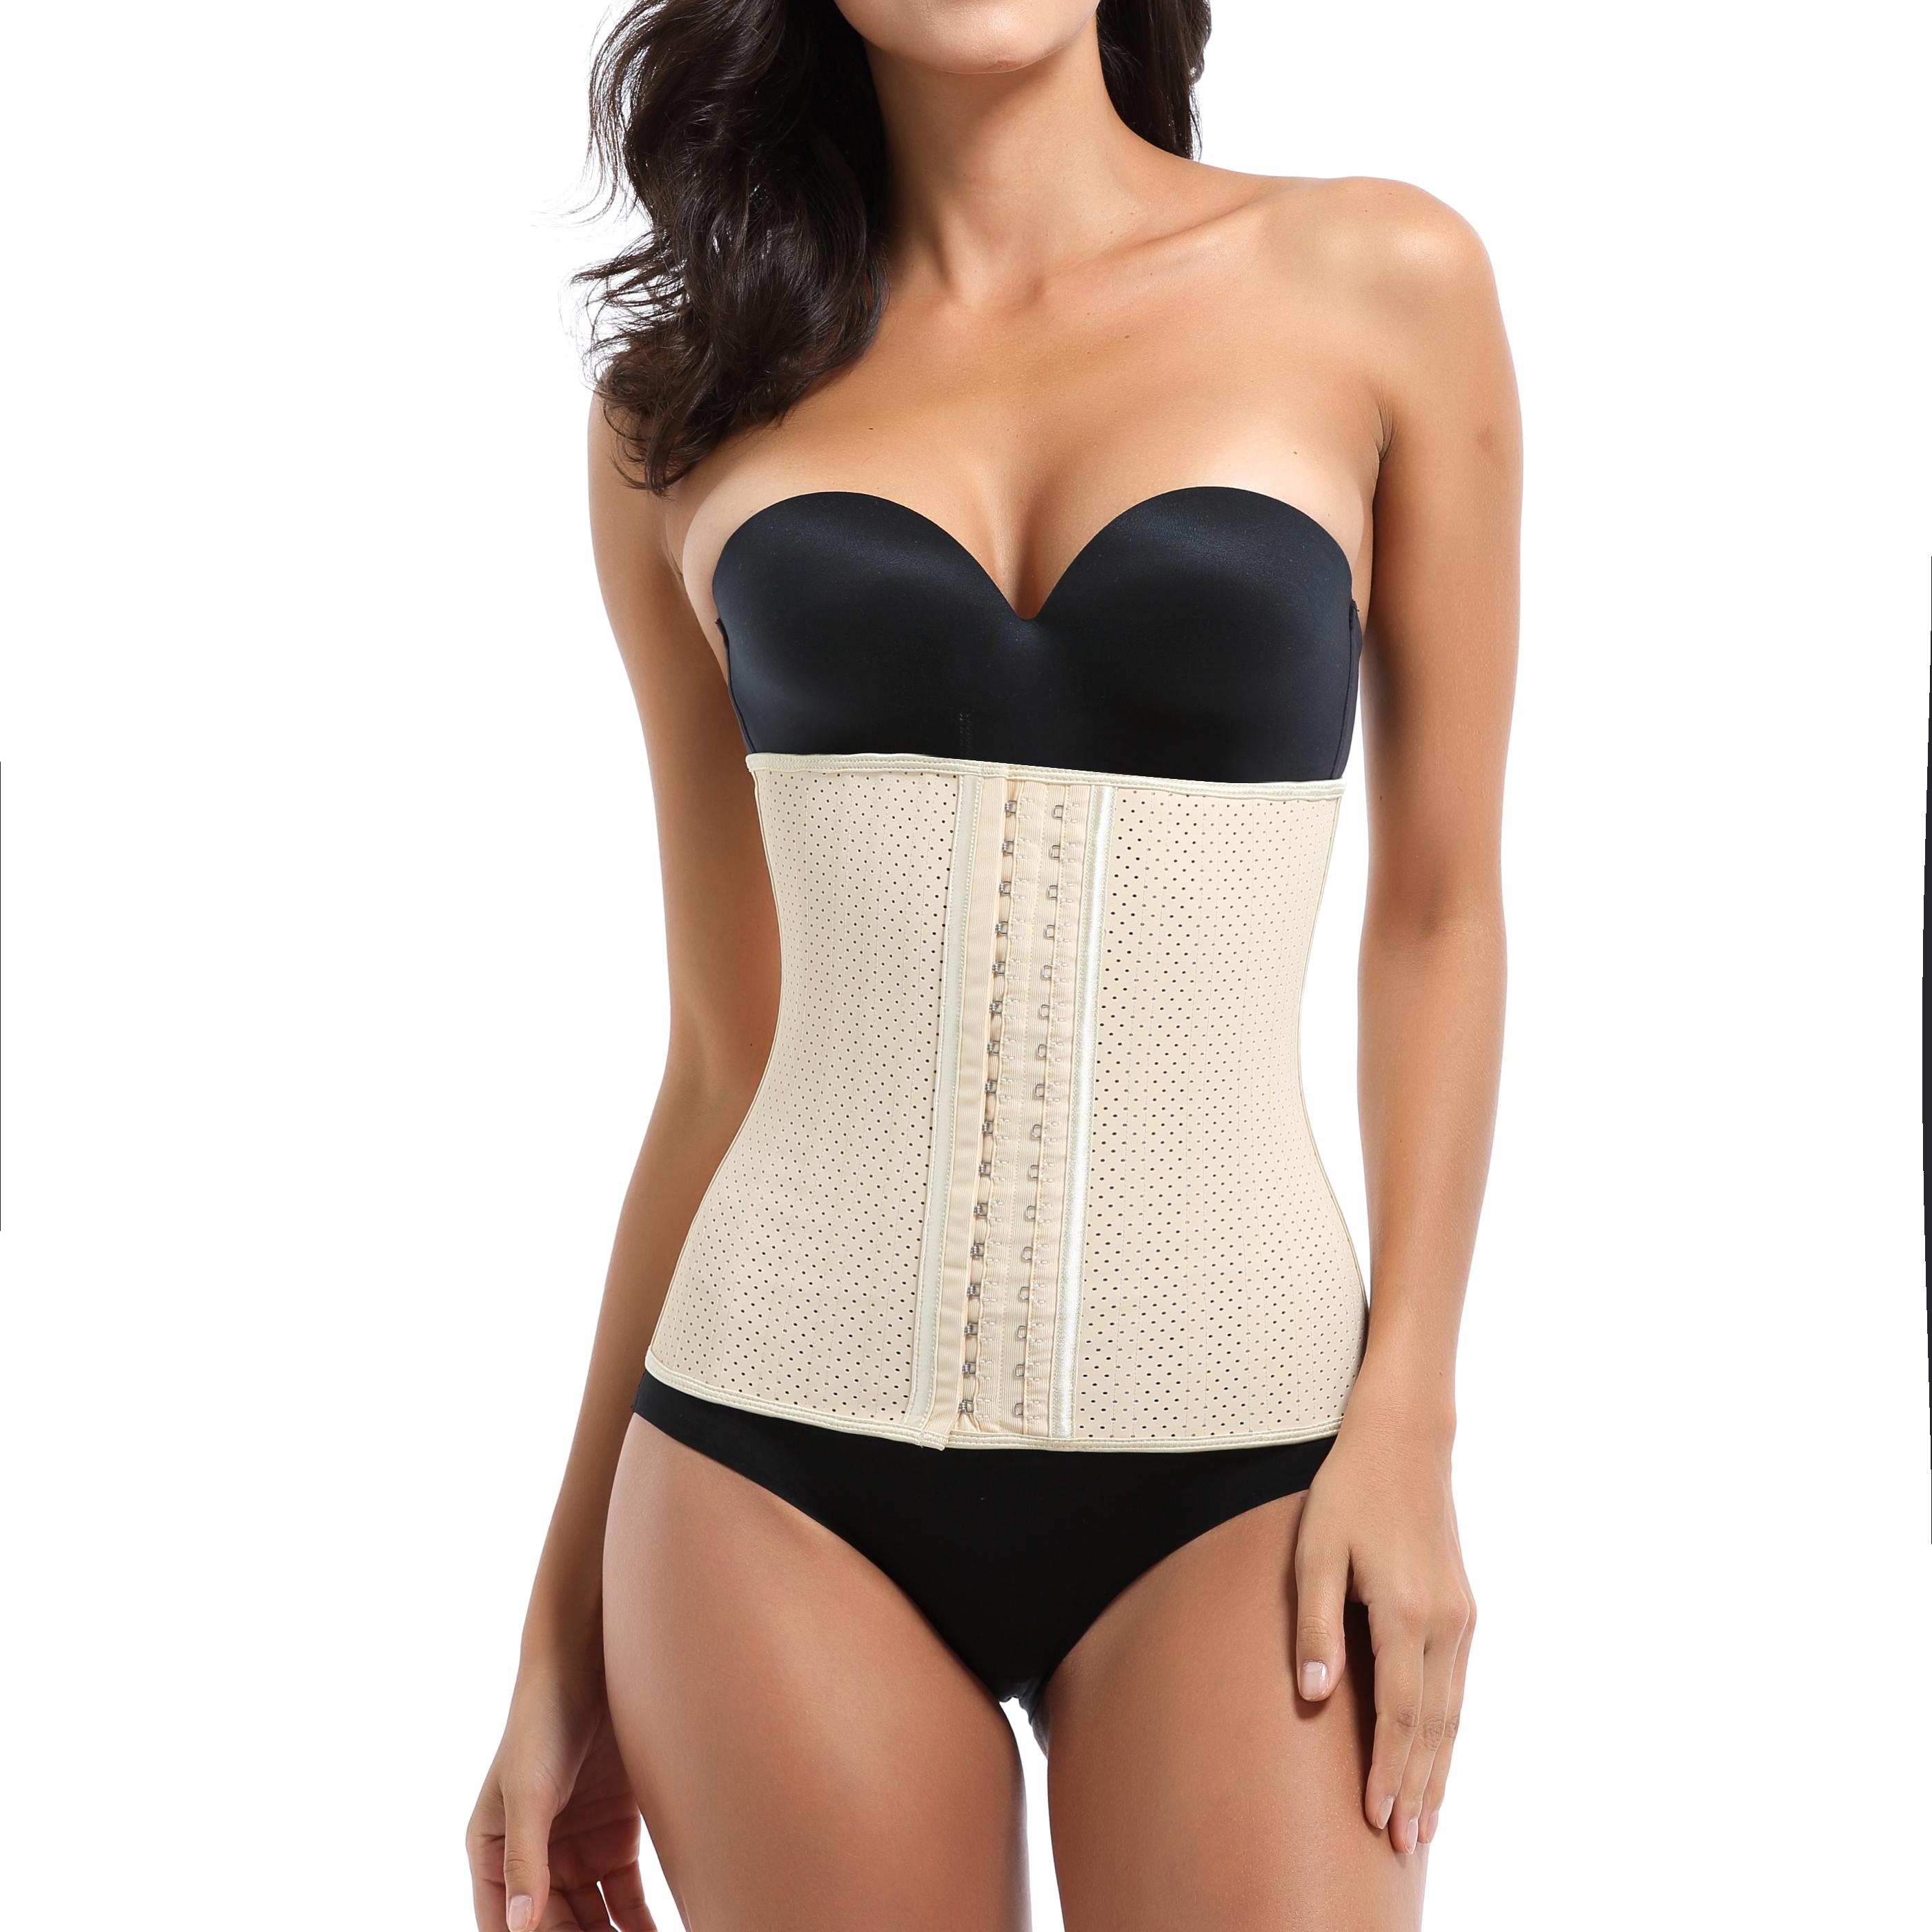 Mulheres látex cintura cincher firm controle 9 trainerr ossos de aço da cintura emagrecimento shaper da cintura látex respirável tummy controle shaper